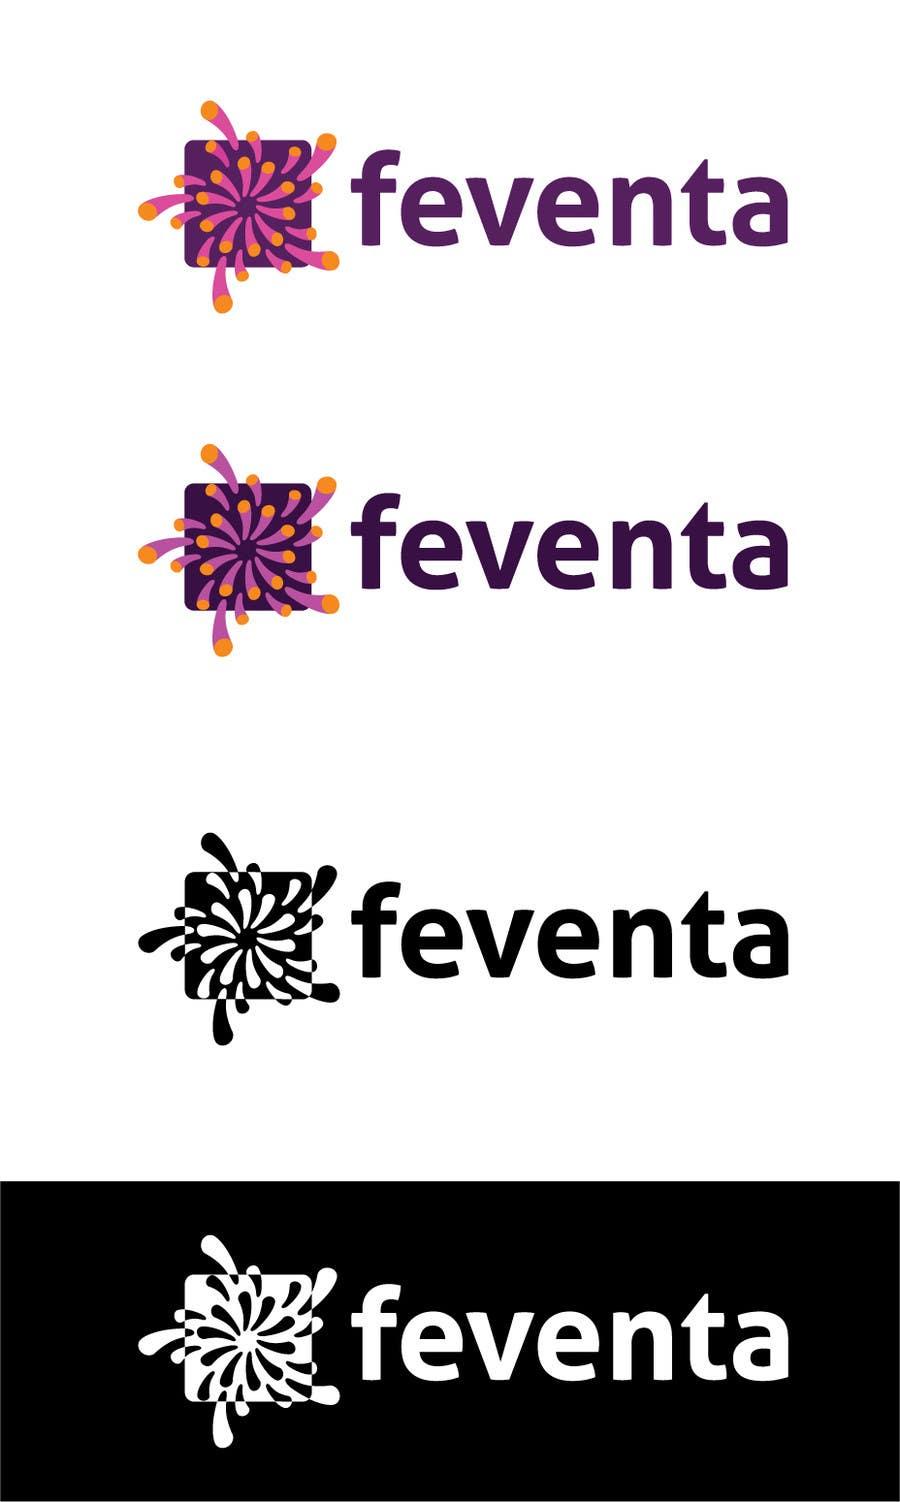 Bài tham dự cuộc thi #                                        76                                      cho                                         Refine and design a logo concept into a professional logo